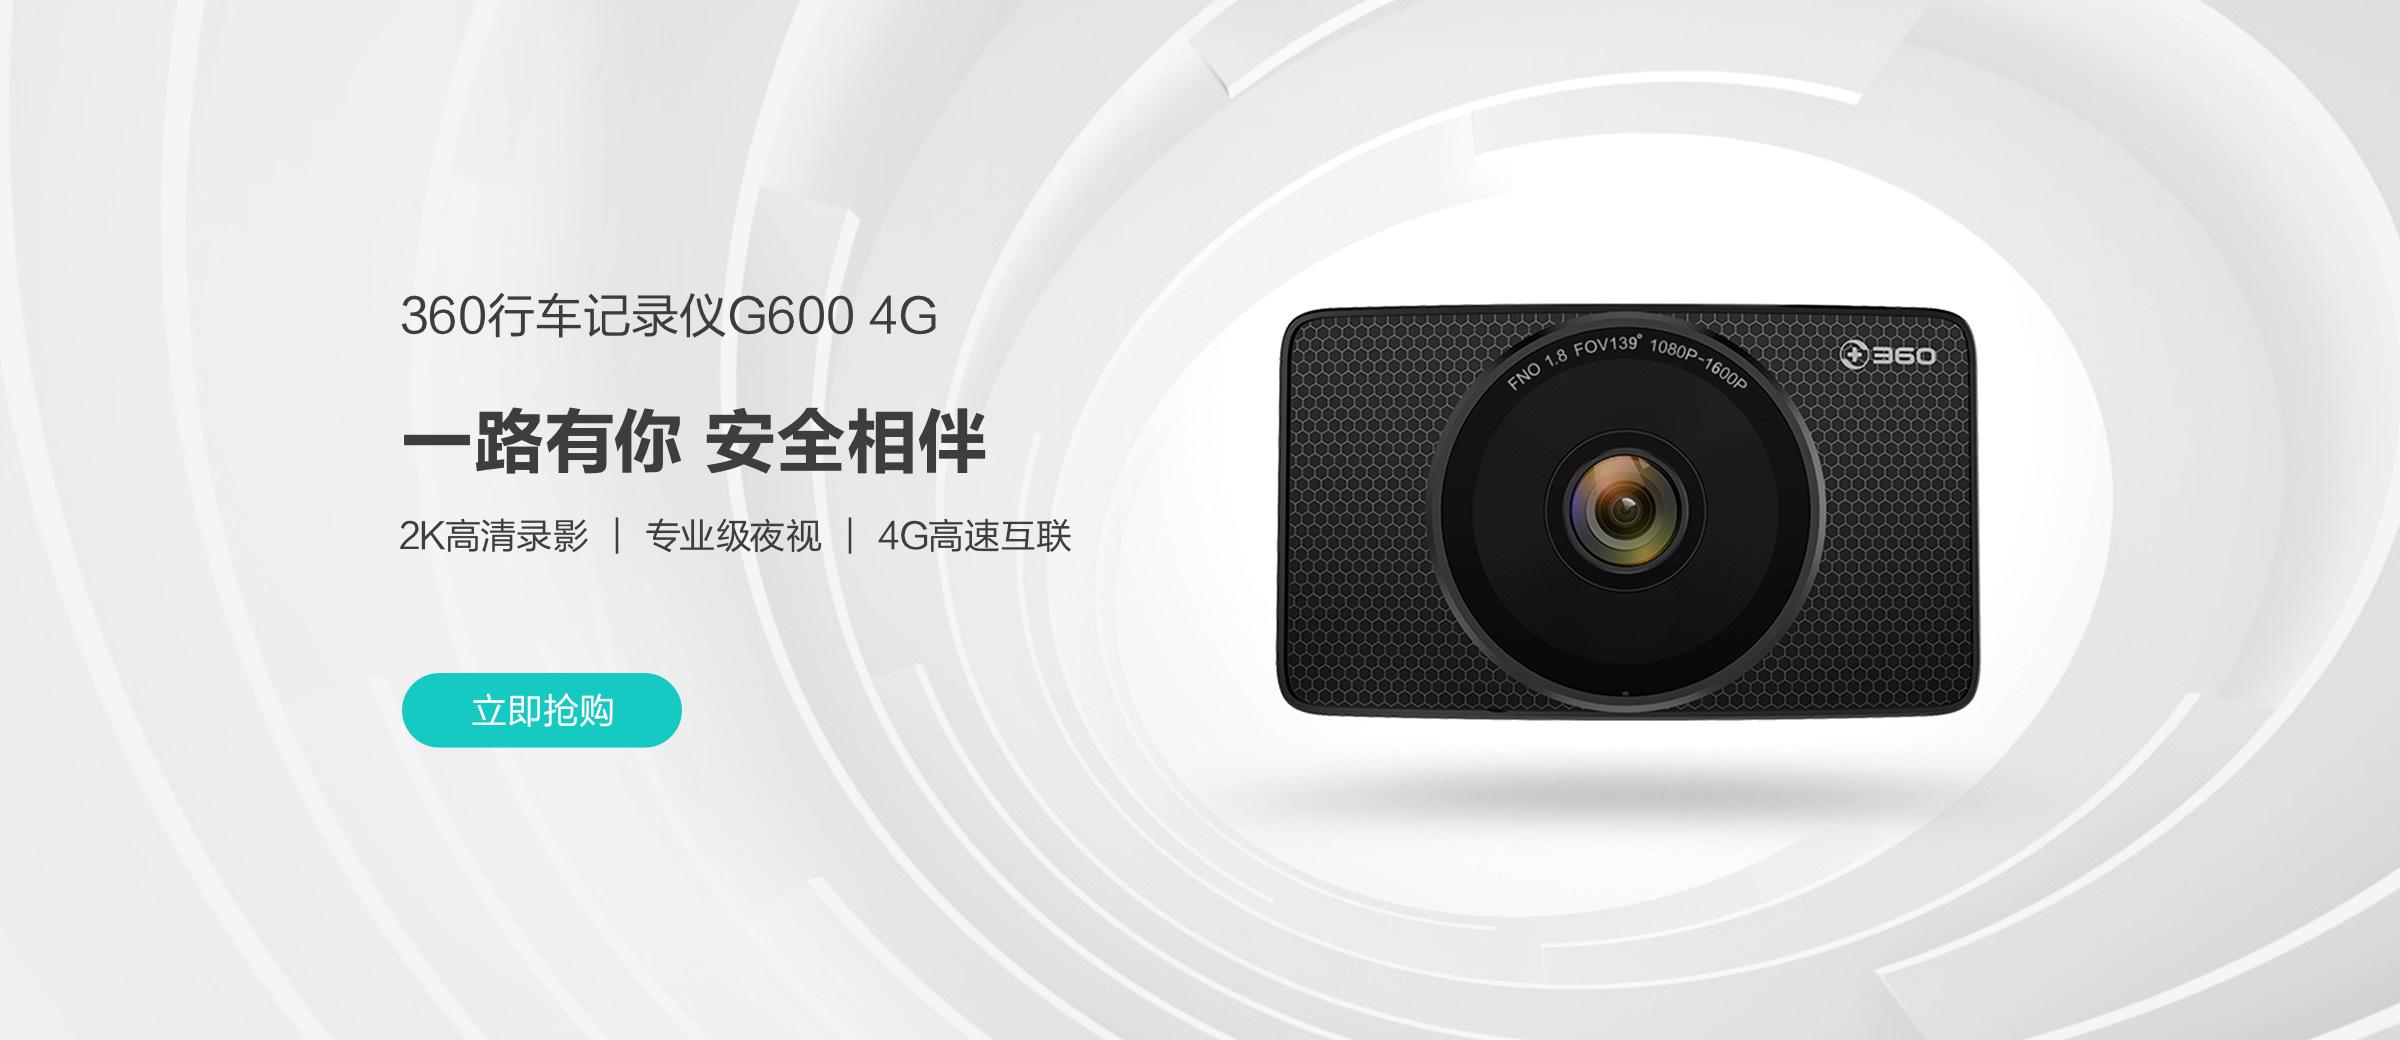 记录仪G600 4G